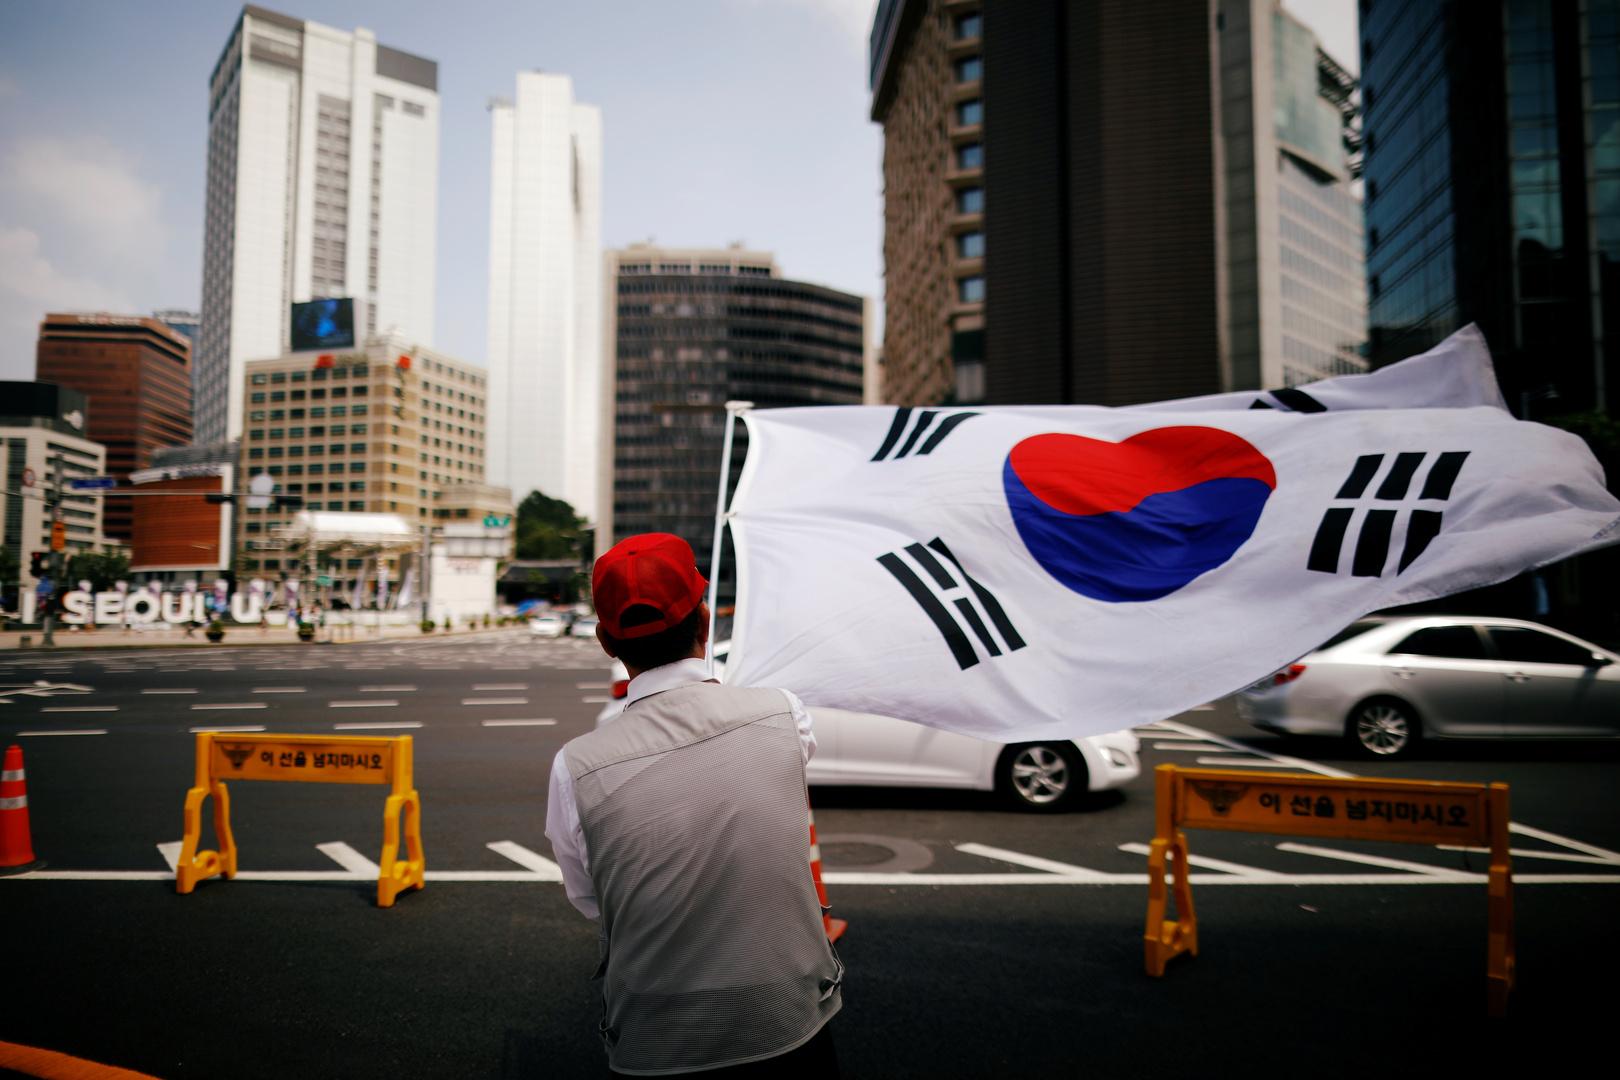 كوريا الجنوبية تسجل أكثر من 600 حالة عدوى اختراقية بكورونا حتى لمن تلقوا اللقاحات كاملة